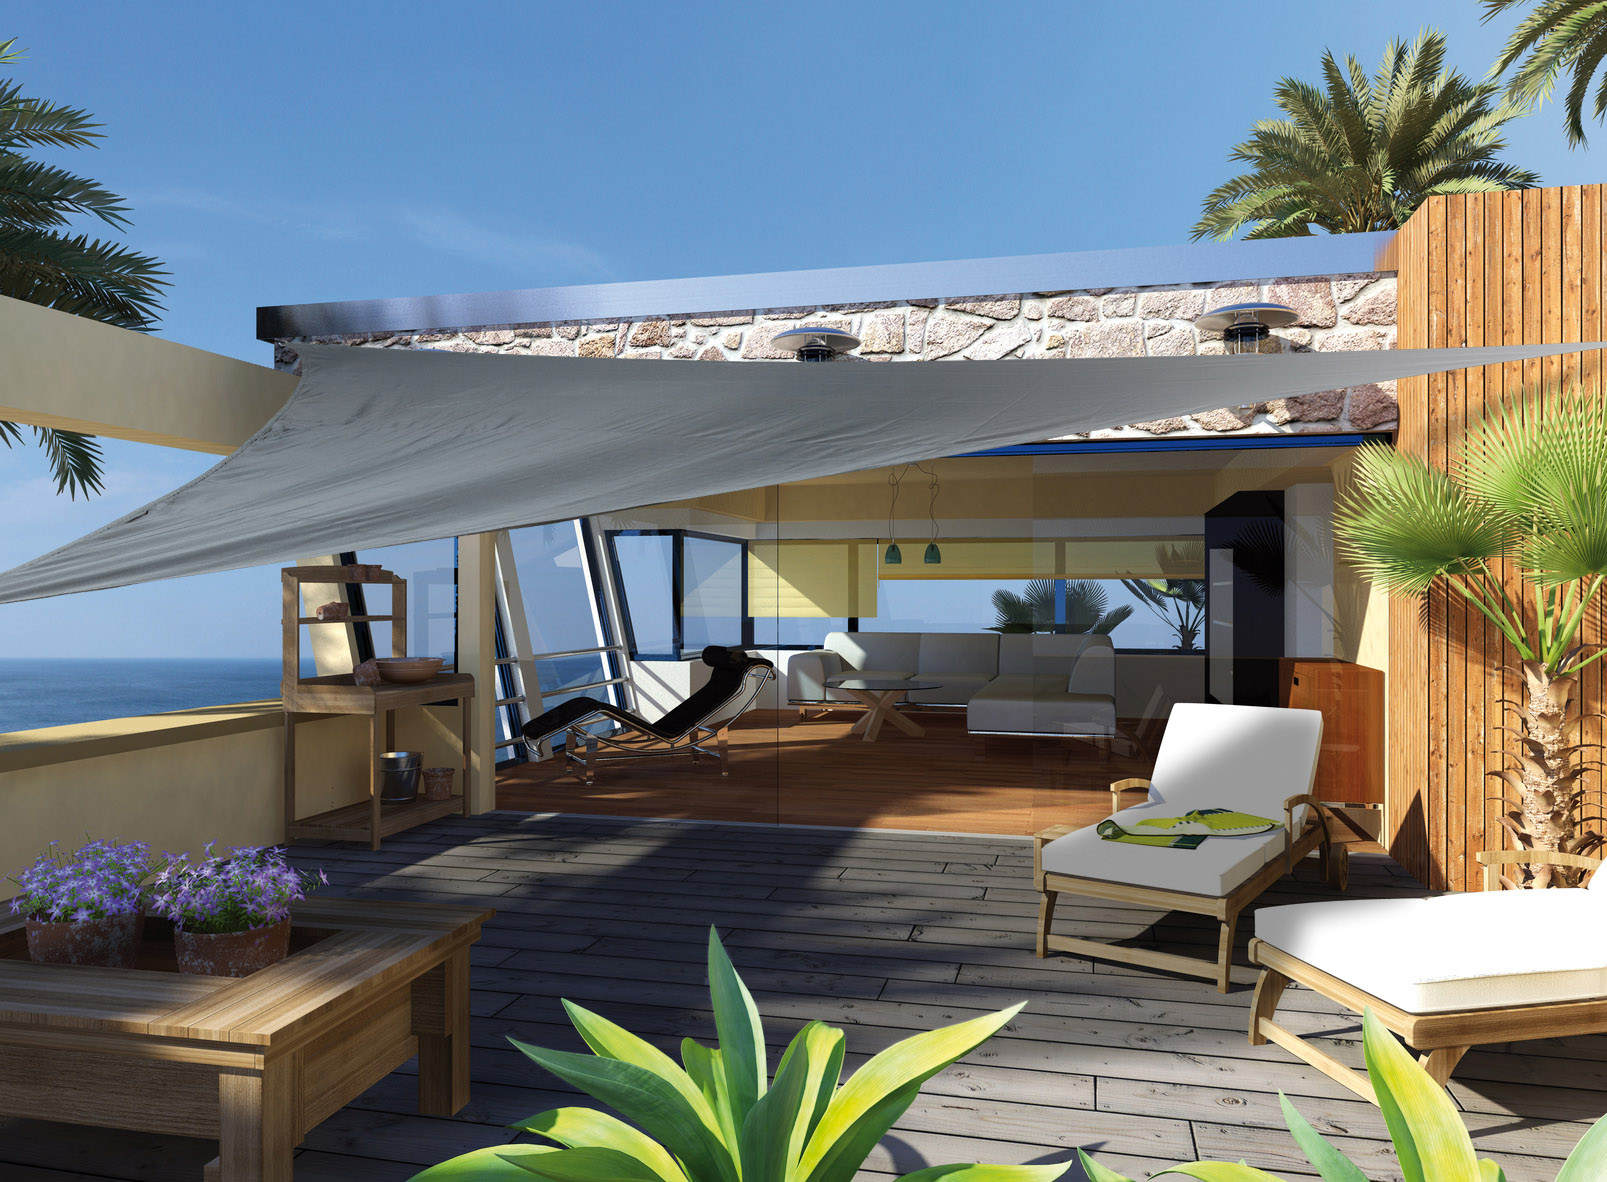 sonnensegel uv schutz von traumgarten br gmann ebay. Black Bedroom Furniture Sets. Home Design Ideas